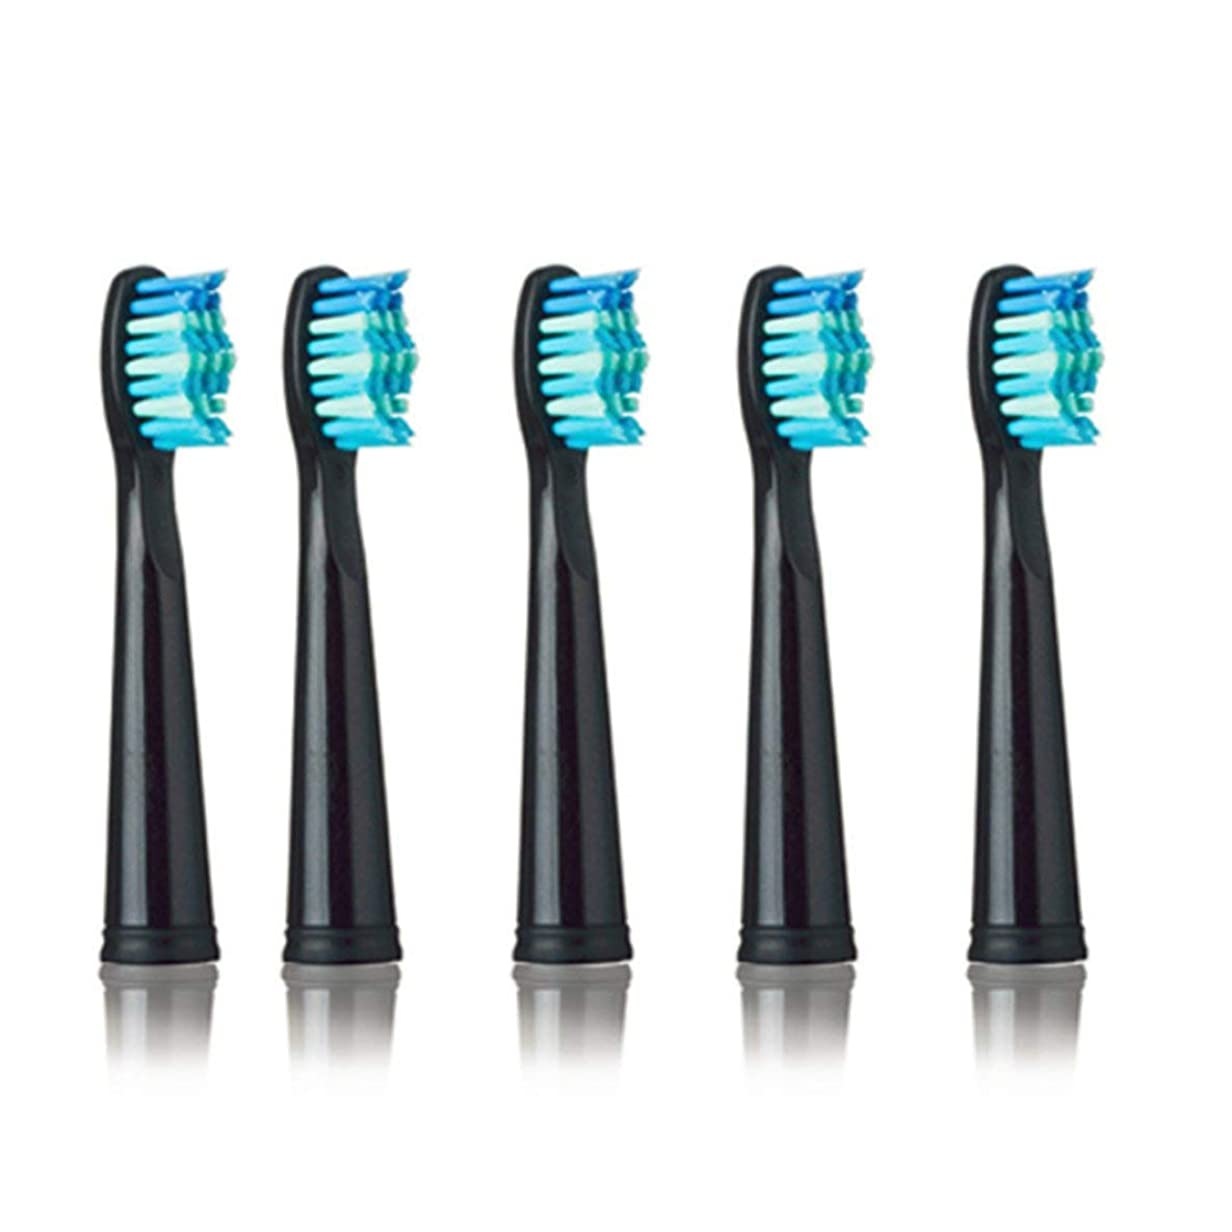 別れるパックお金SEAGO 949/507/610/659用電動歯ブラシヘッド抗菌自動歯ブラシヘッド電動歯ブラシ - ブラック